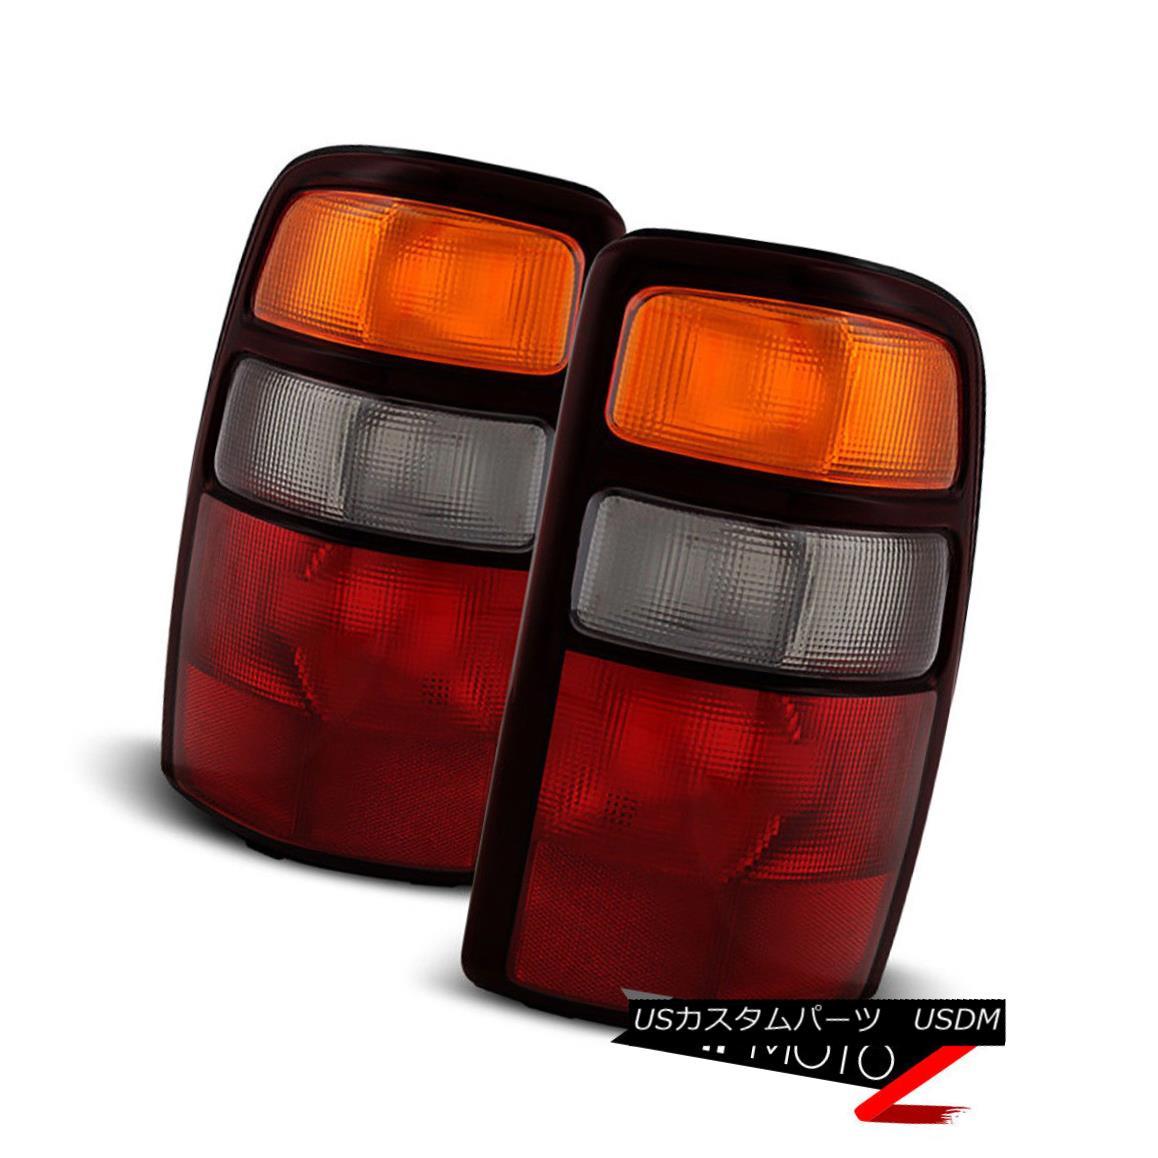 テールライト Chevrolet Tahoe Suburban GMC Yukon FACTORY STYLE Rear Tail Light Brake Assembly シボレー・タホ郊外GMCユーコン工場スタイル後部テール・ライト・ブレーキ・アッセンブリー